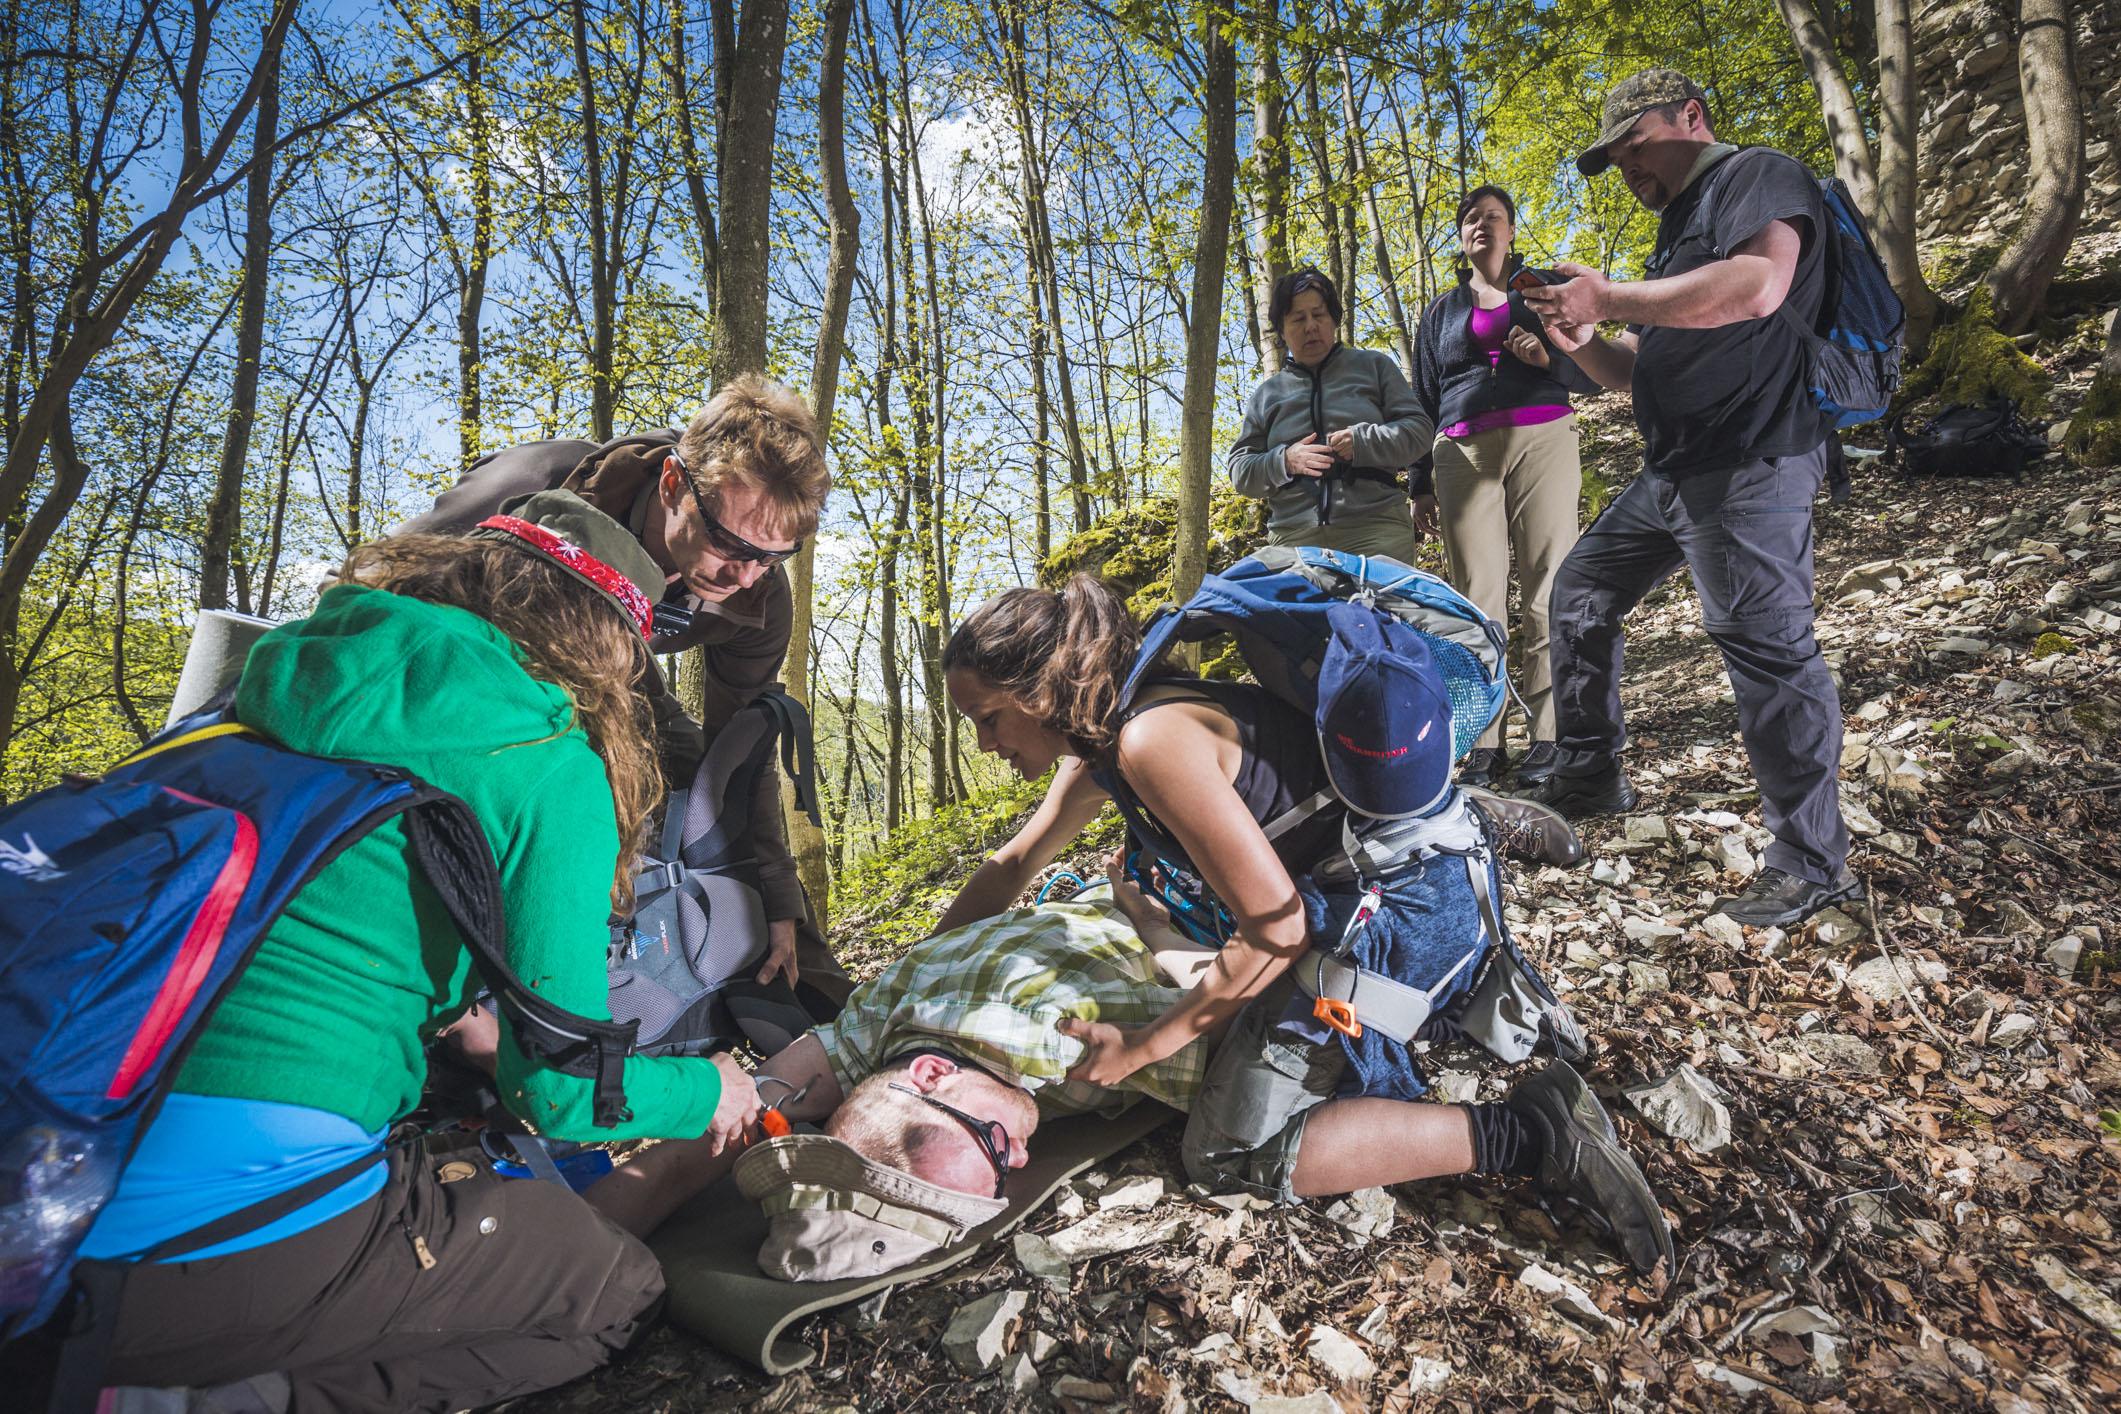 Tobias Grosser/Johanniter -Im Ernstfall auch draußen schnell helfen: Die Johanniter bieten einen Outdoor-Erste-Hilfe-Kurs in der Lüneburger Heide an.